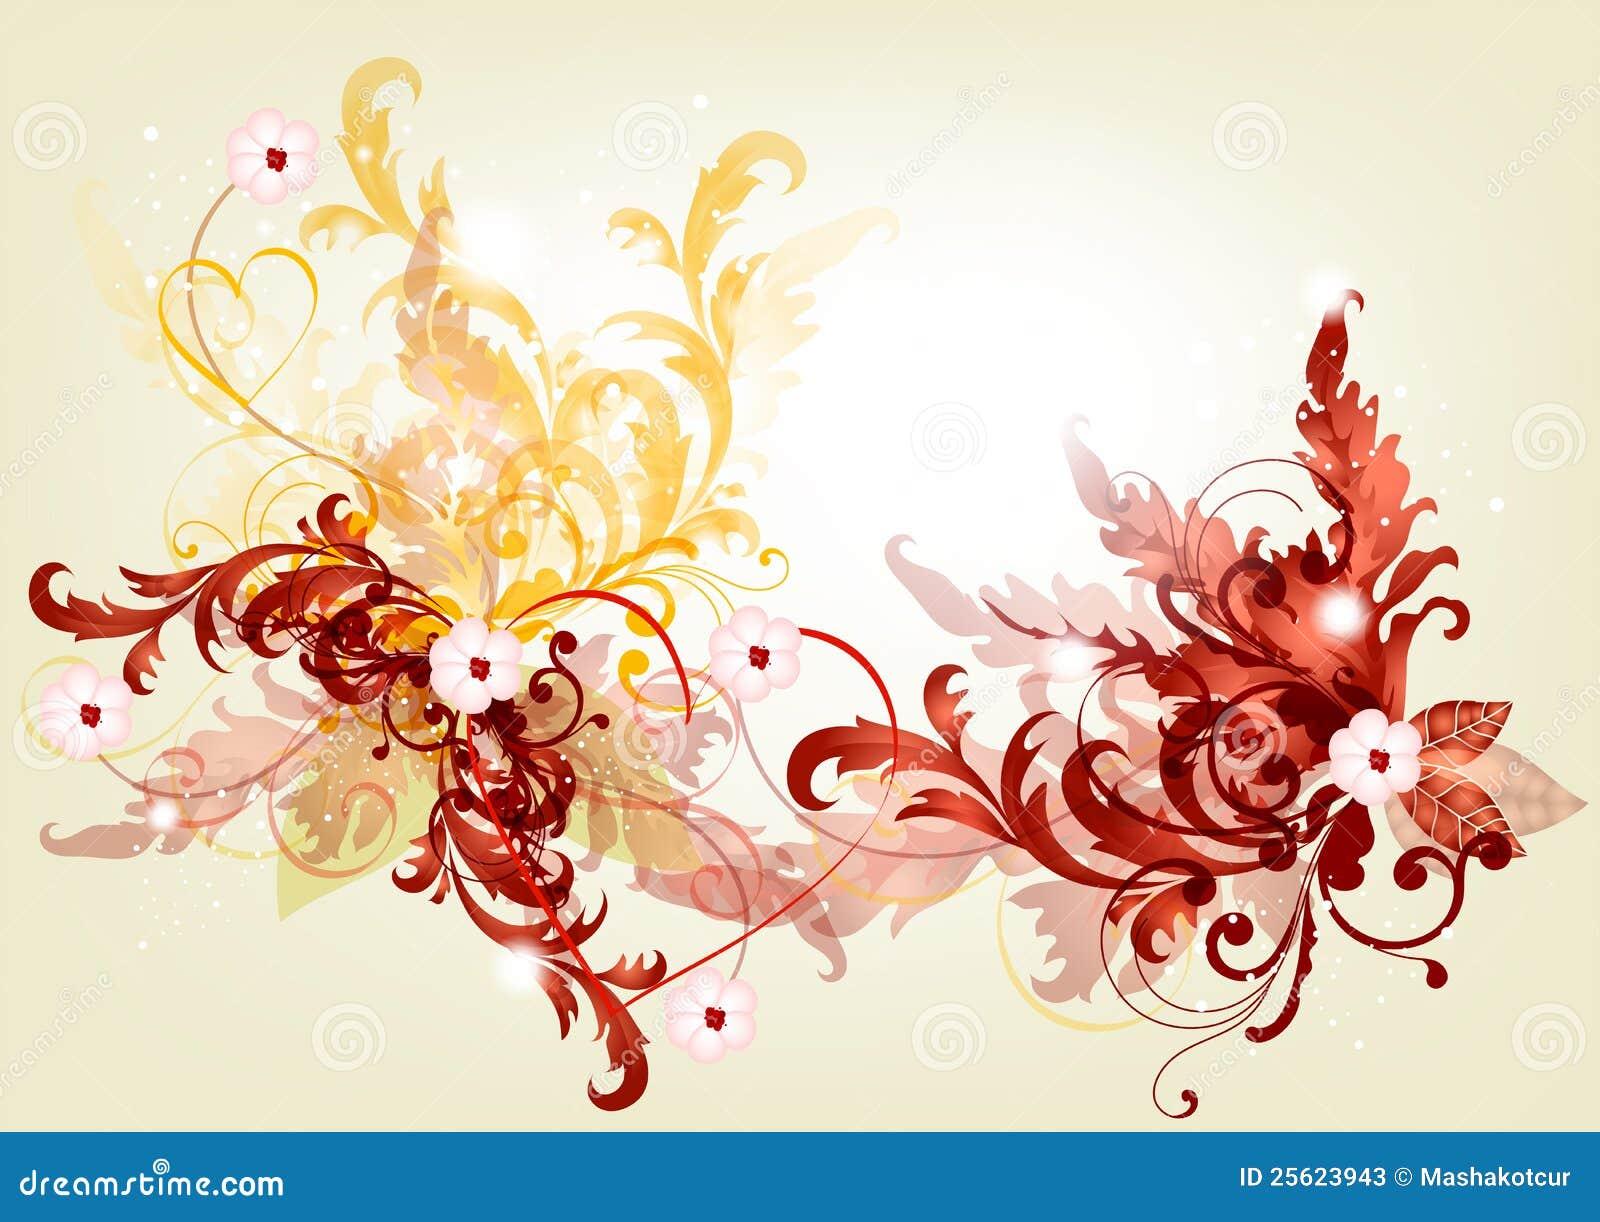 elegant filigree background with - photo #4